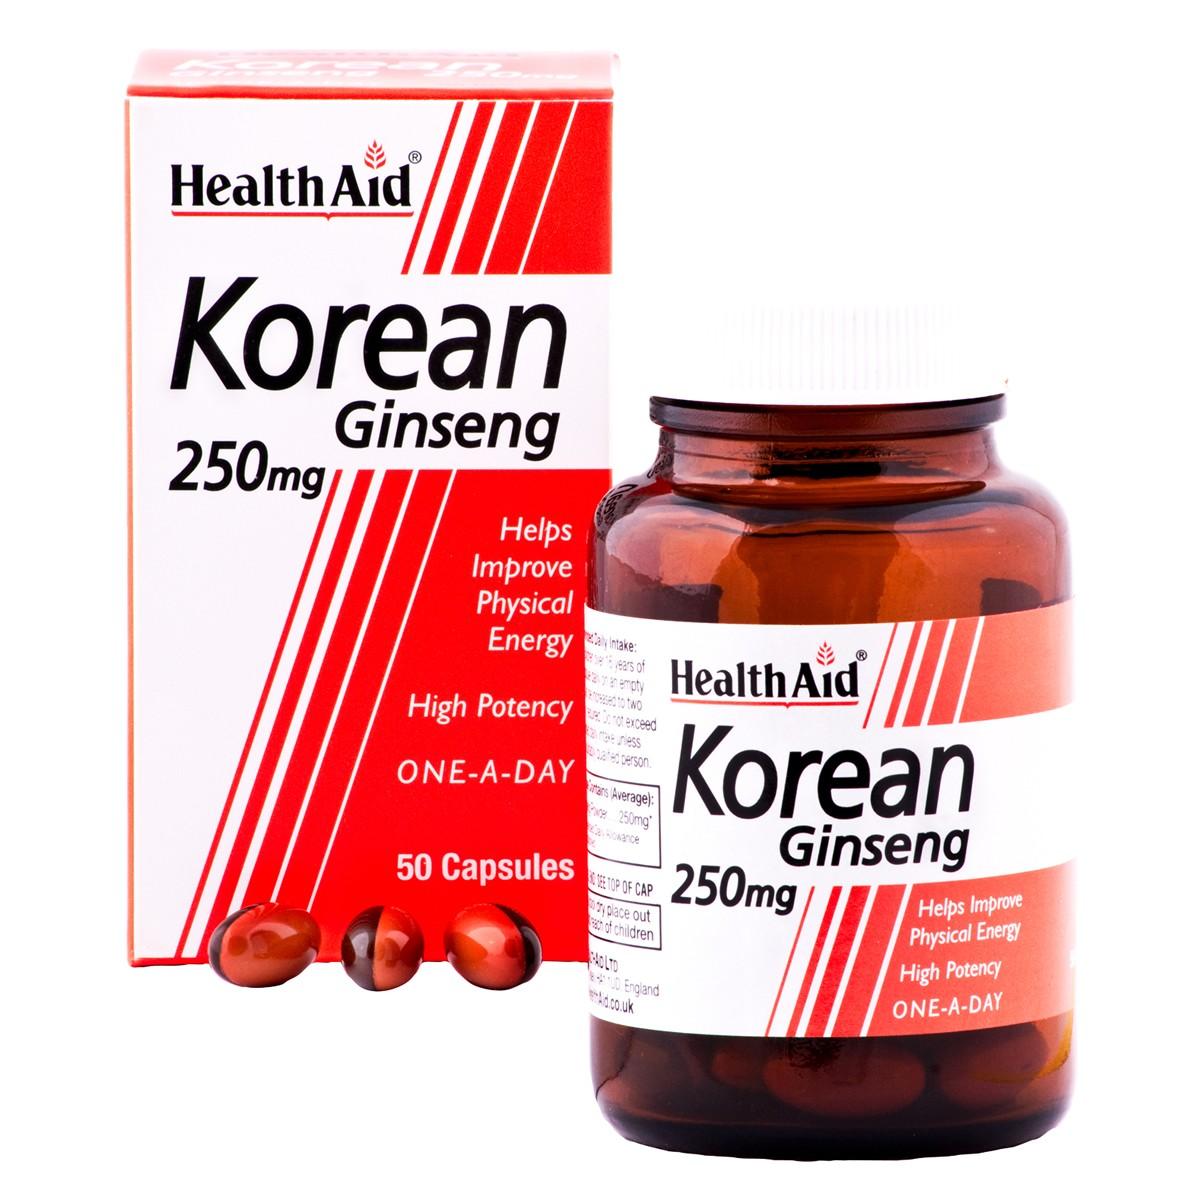 HealthAid Korean Ginseng 250mg